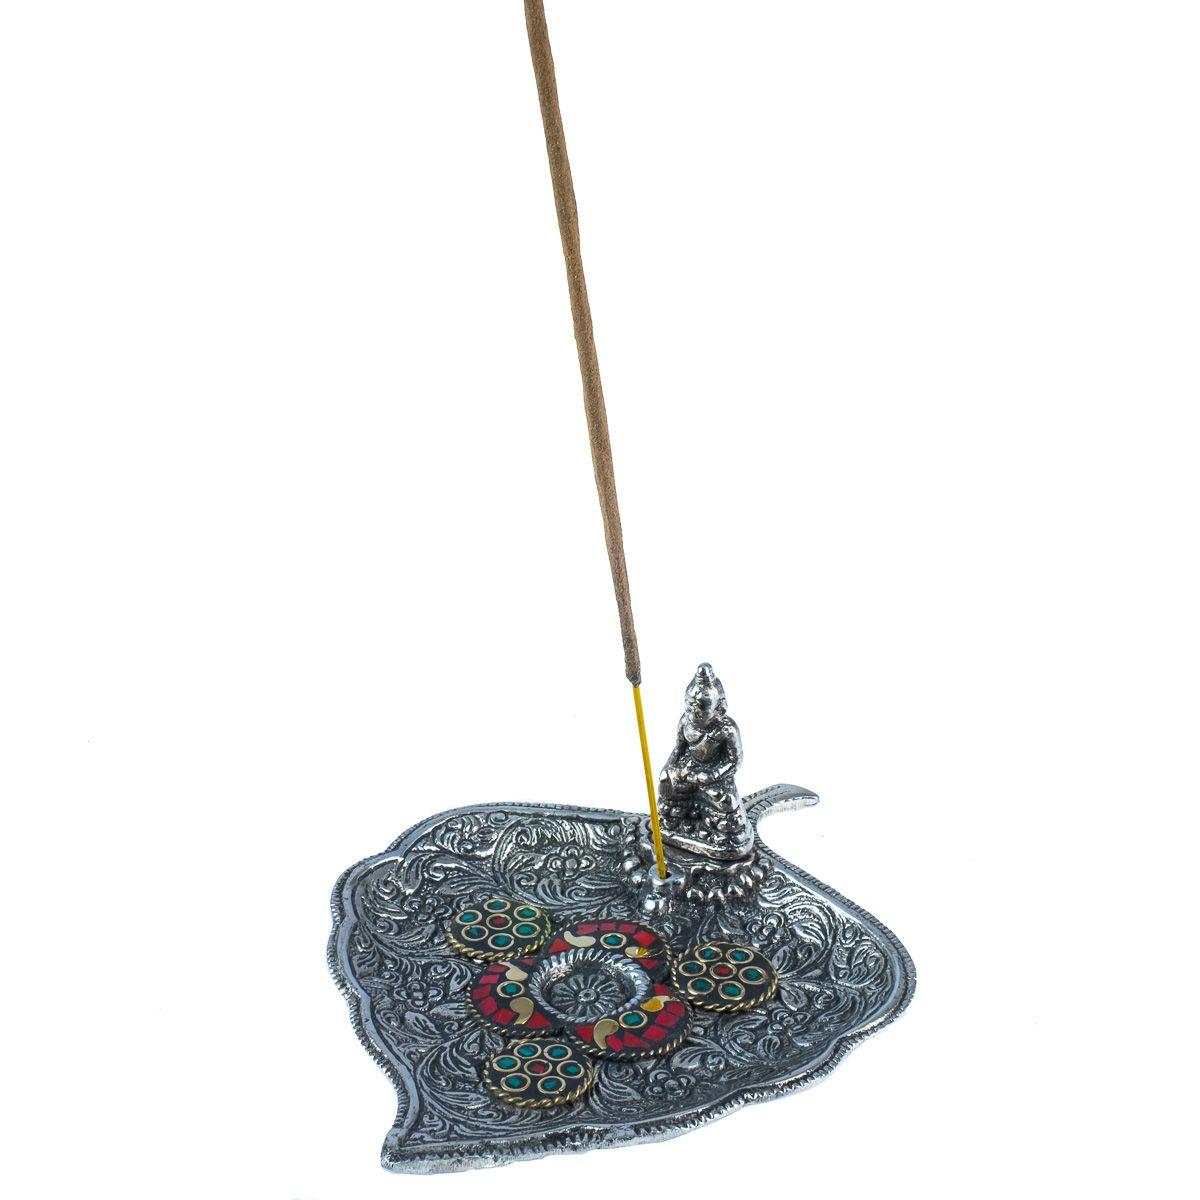 Kovový stojánek na vonné tyčinky List s Buddhou a mozaikou 2 India